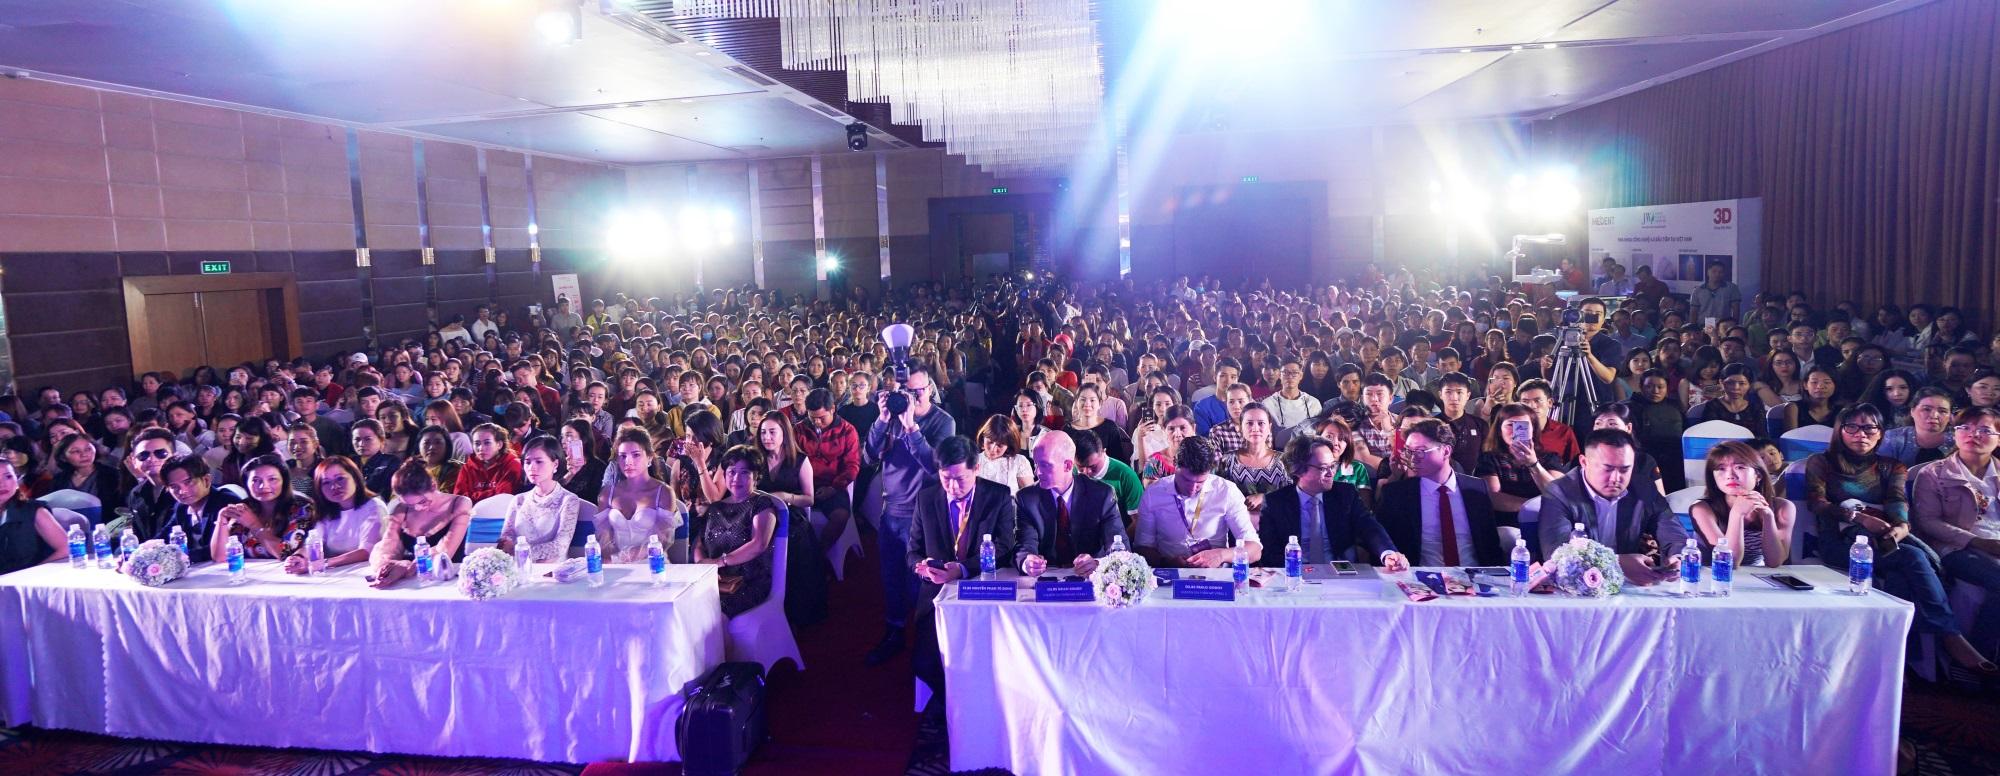 Hội trường Đại hội thẩm mỹ JW 'nổ tung' vì độ hot của dàn sao Việt và người đẹp thẩm mỹ - Ảnh 1